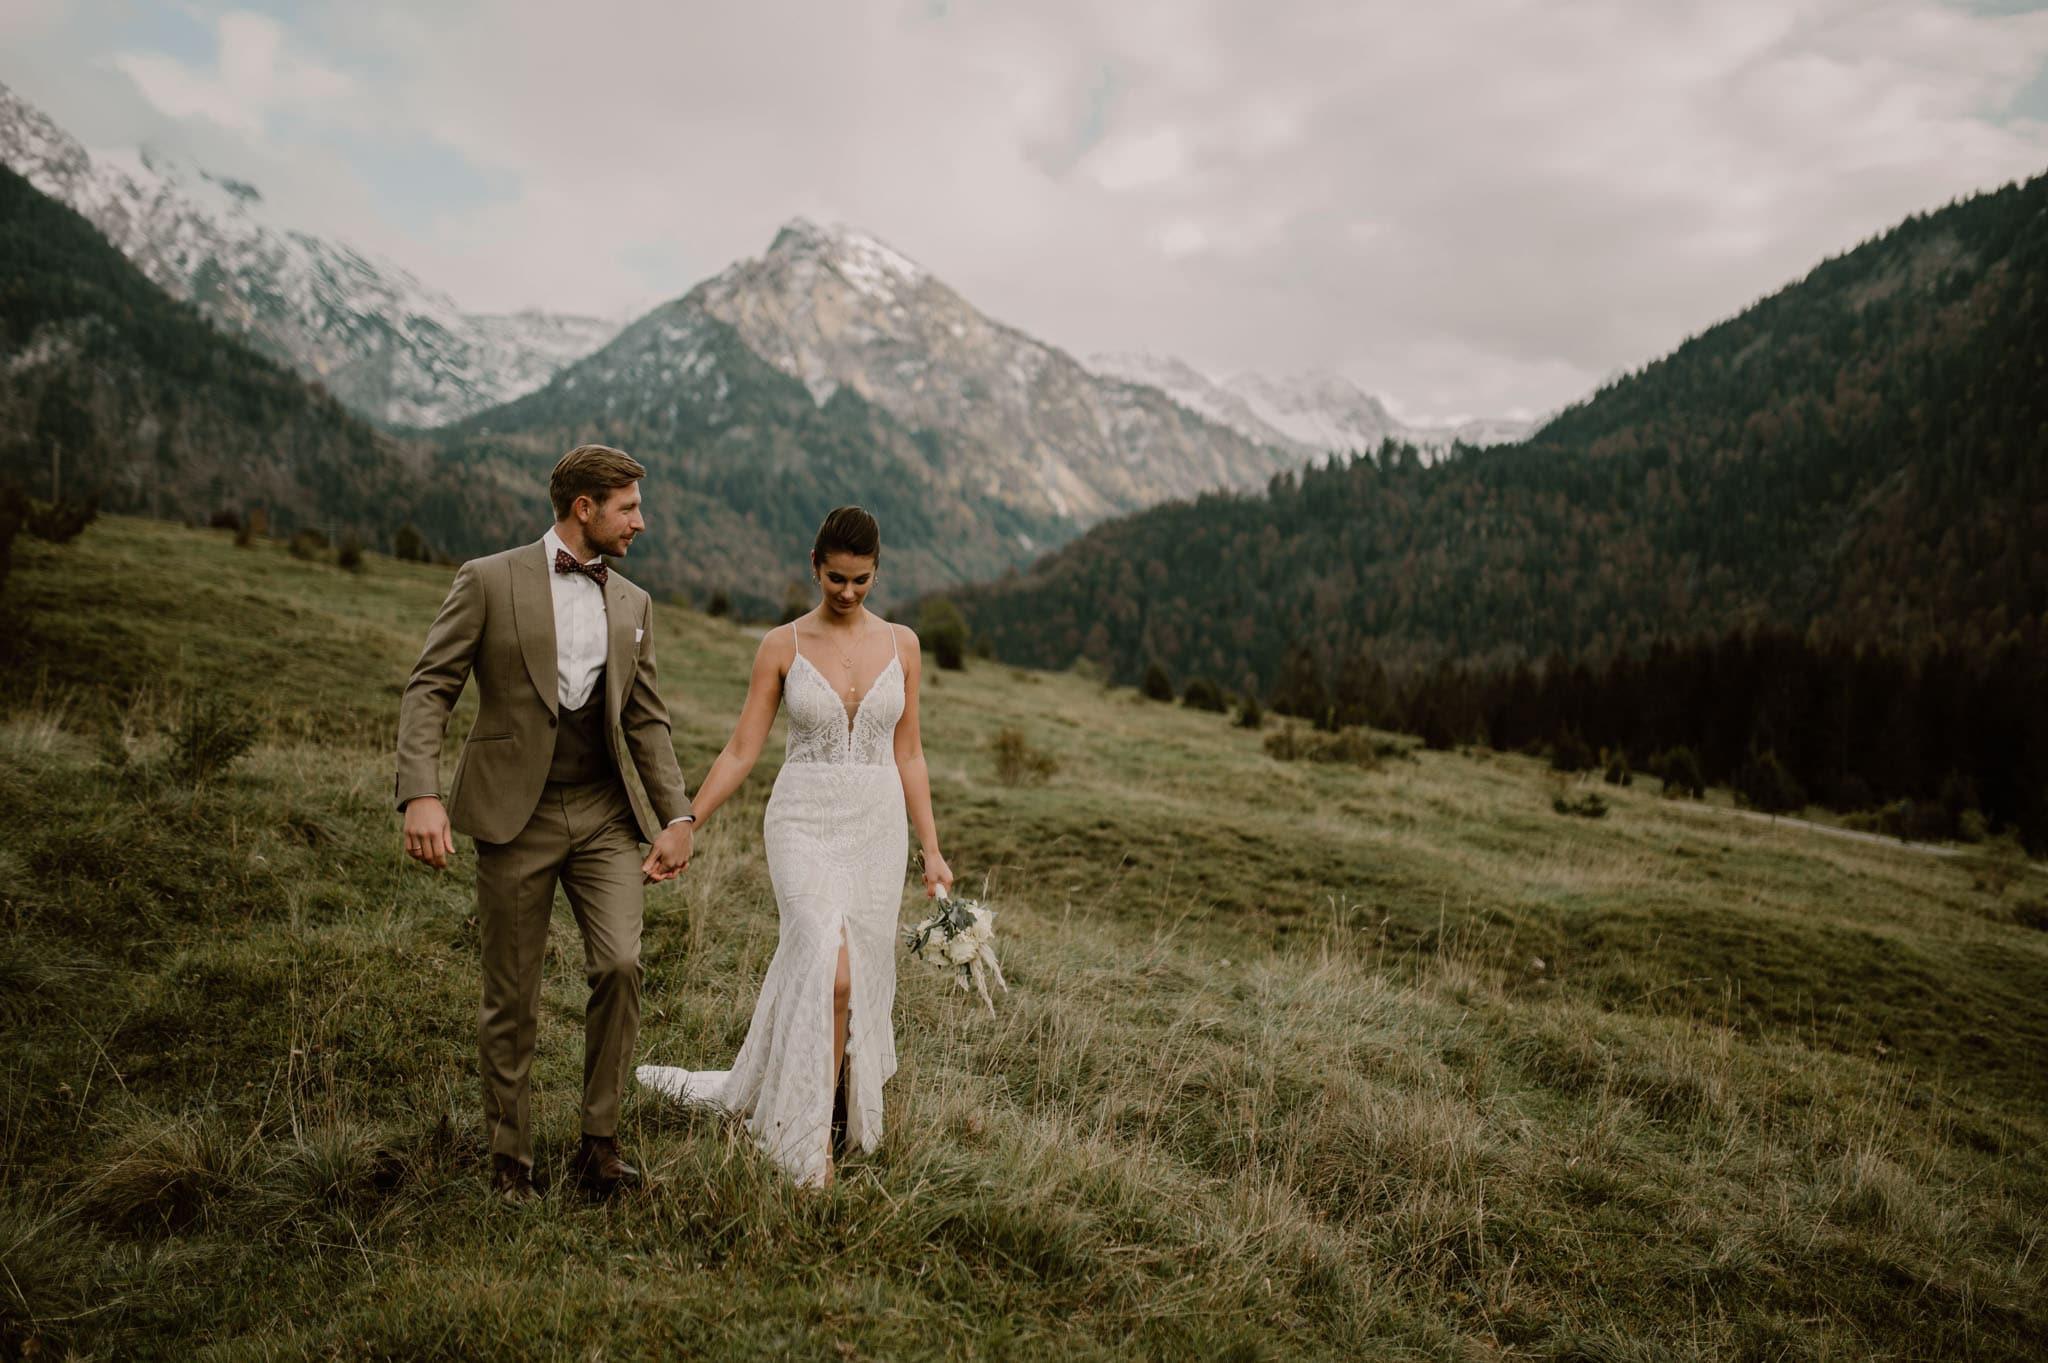 elopement mariage montagne Anne letournel